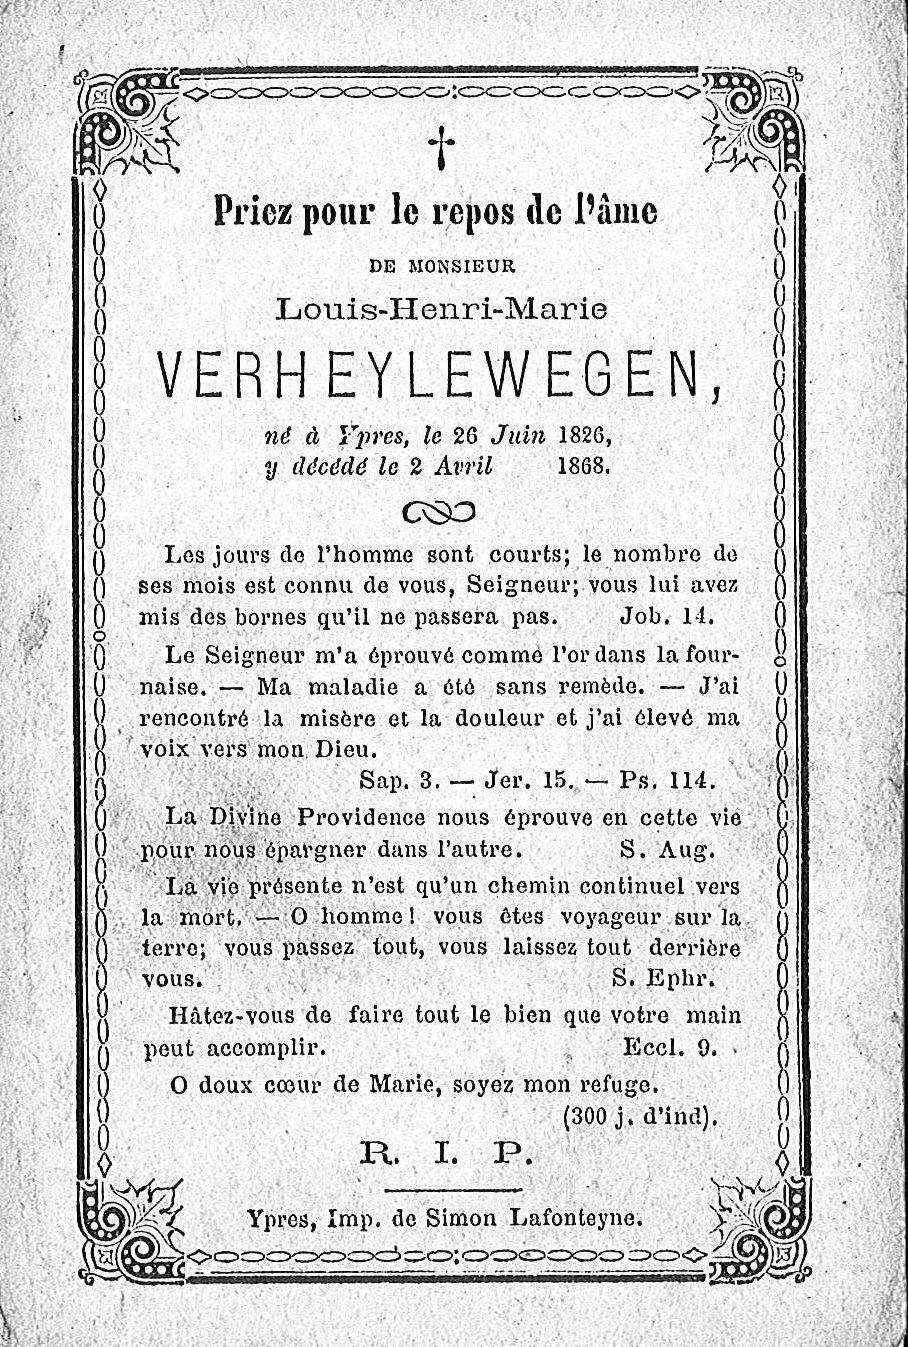 Louis-Henri-Marie Verheylewegen